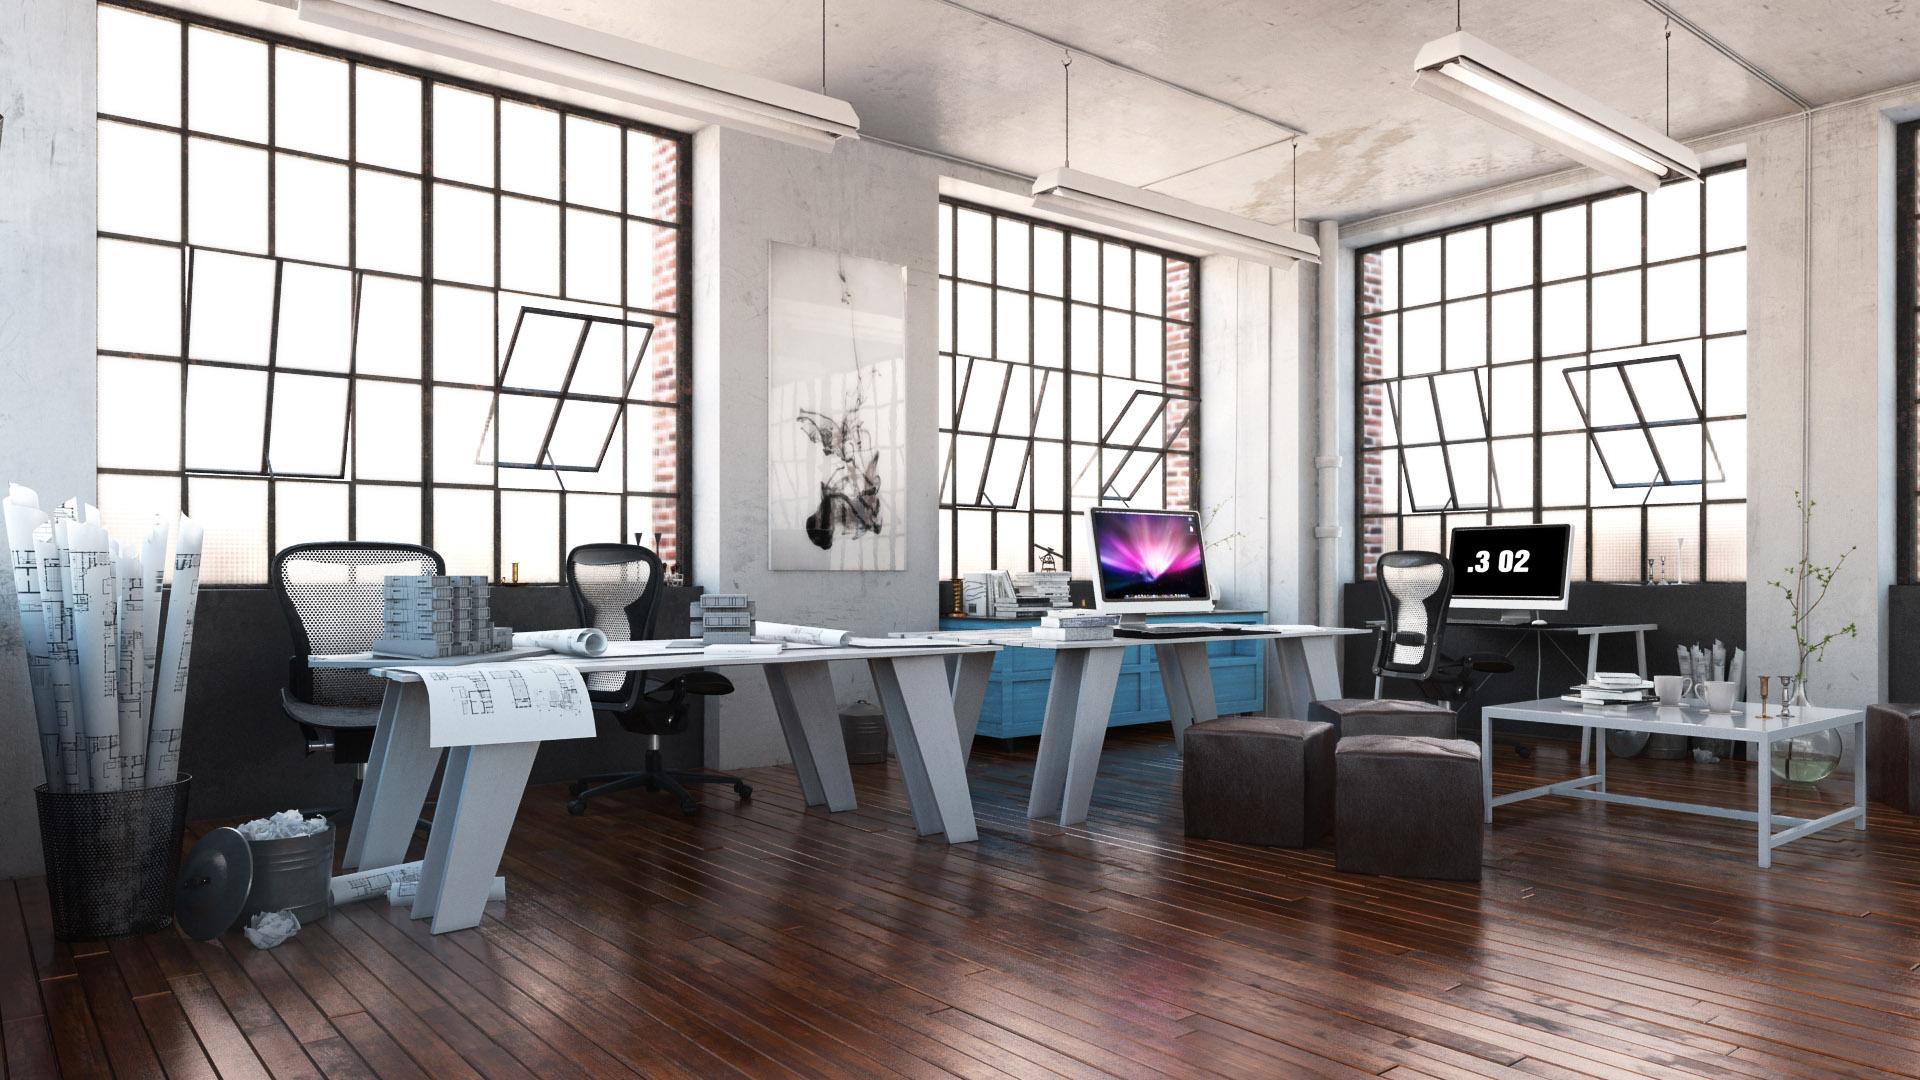 Ufficio riganelli arredamenti for Office ufficio